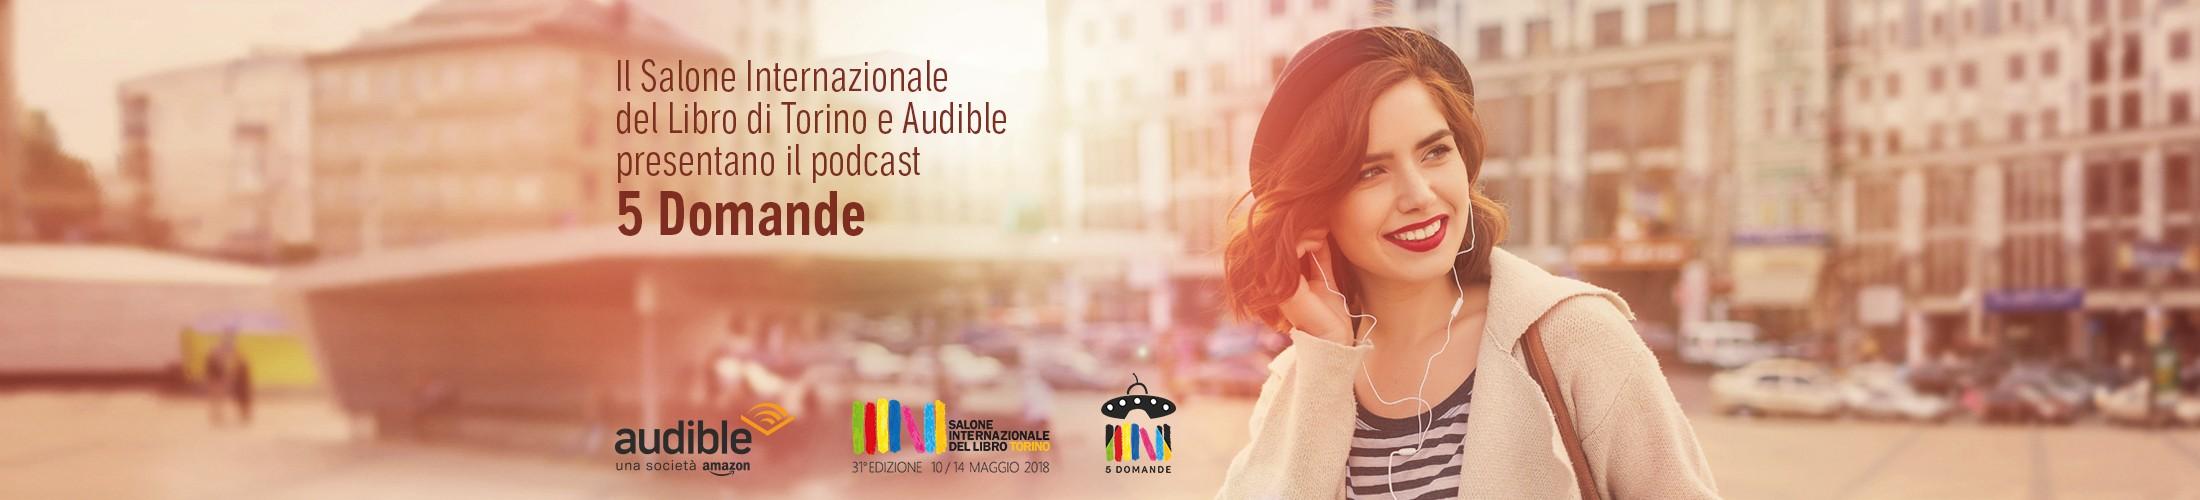 Audiolibro cover